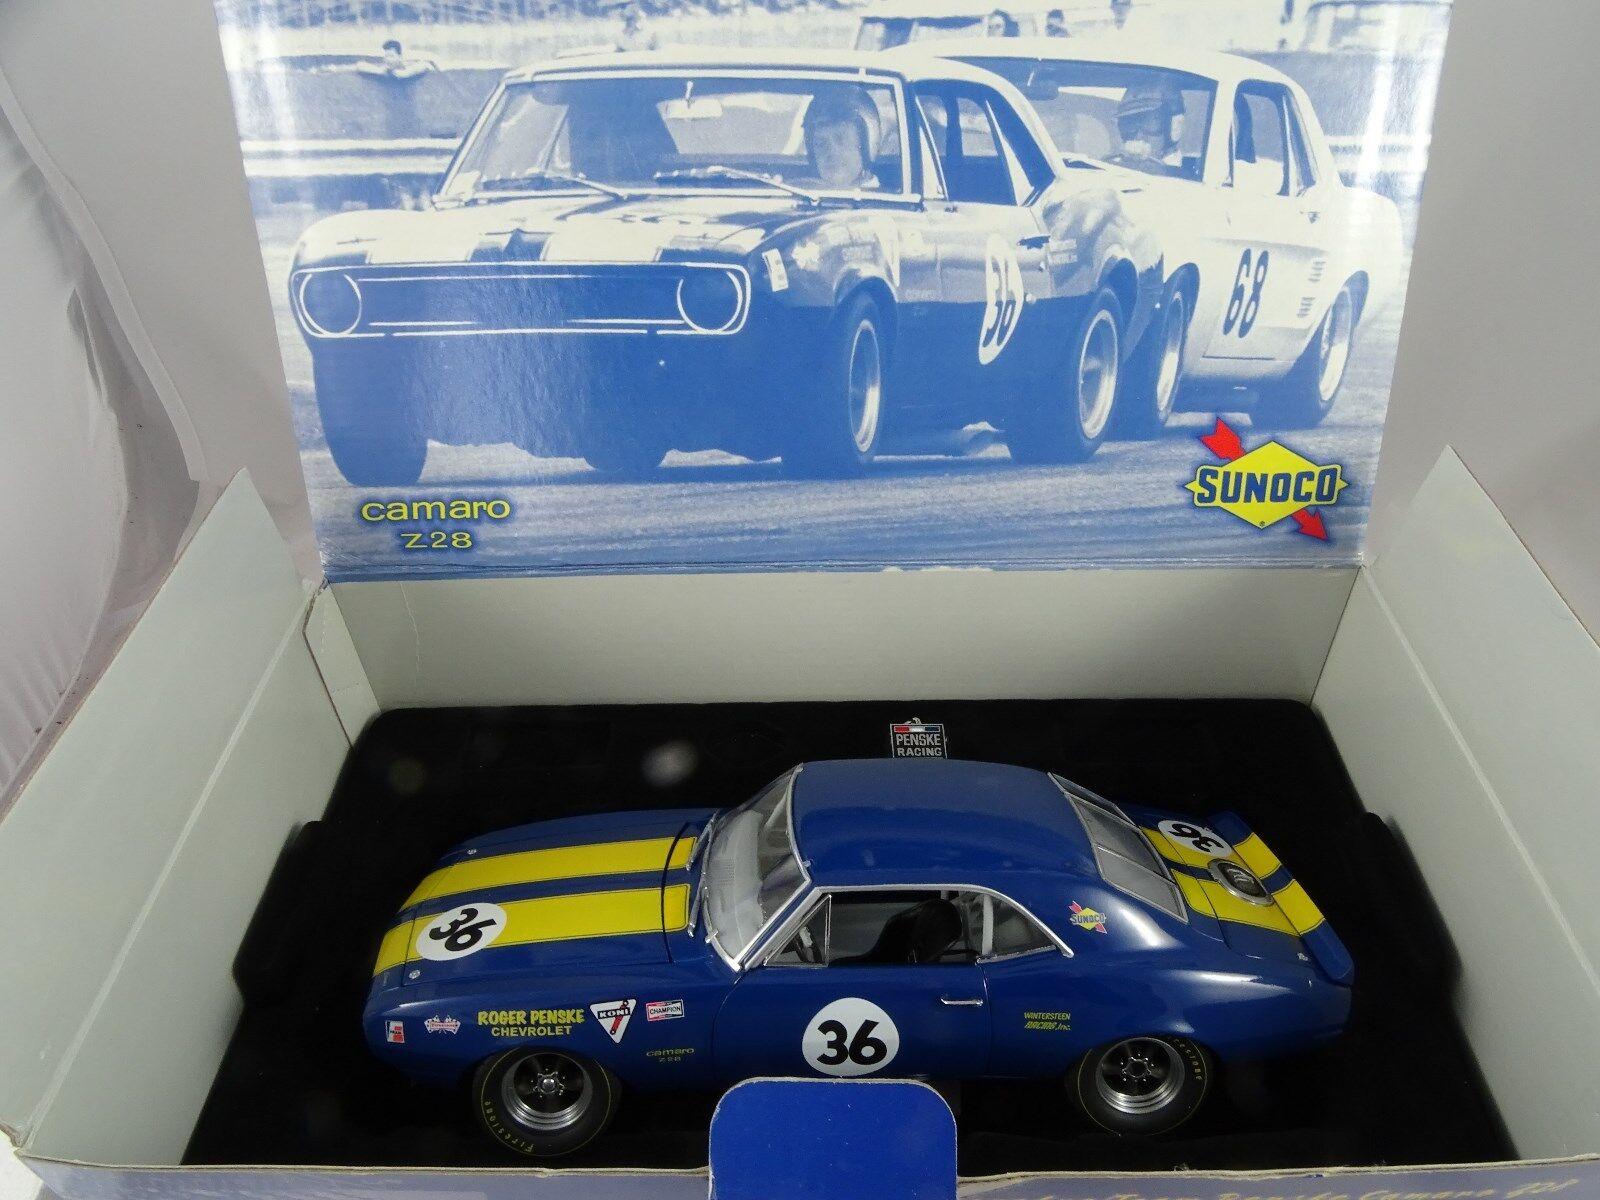 migliore qualità 1 18 GMP GMP GMP 1967 Mark Donohue squadra Penske Camaro 328  36 Lmtd. ed. blu-rarità §  ultimi stili